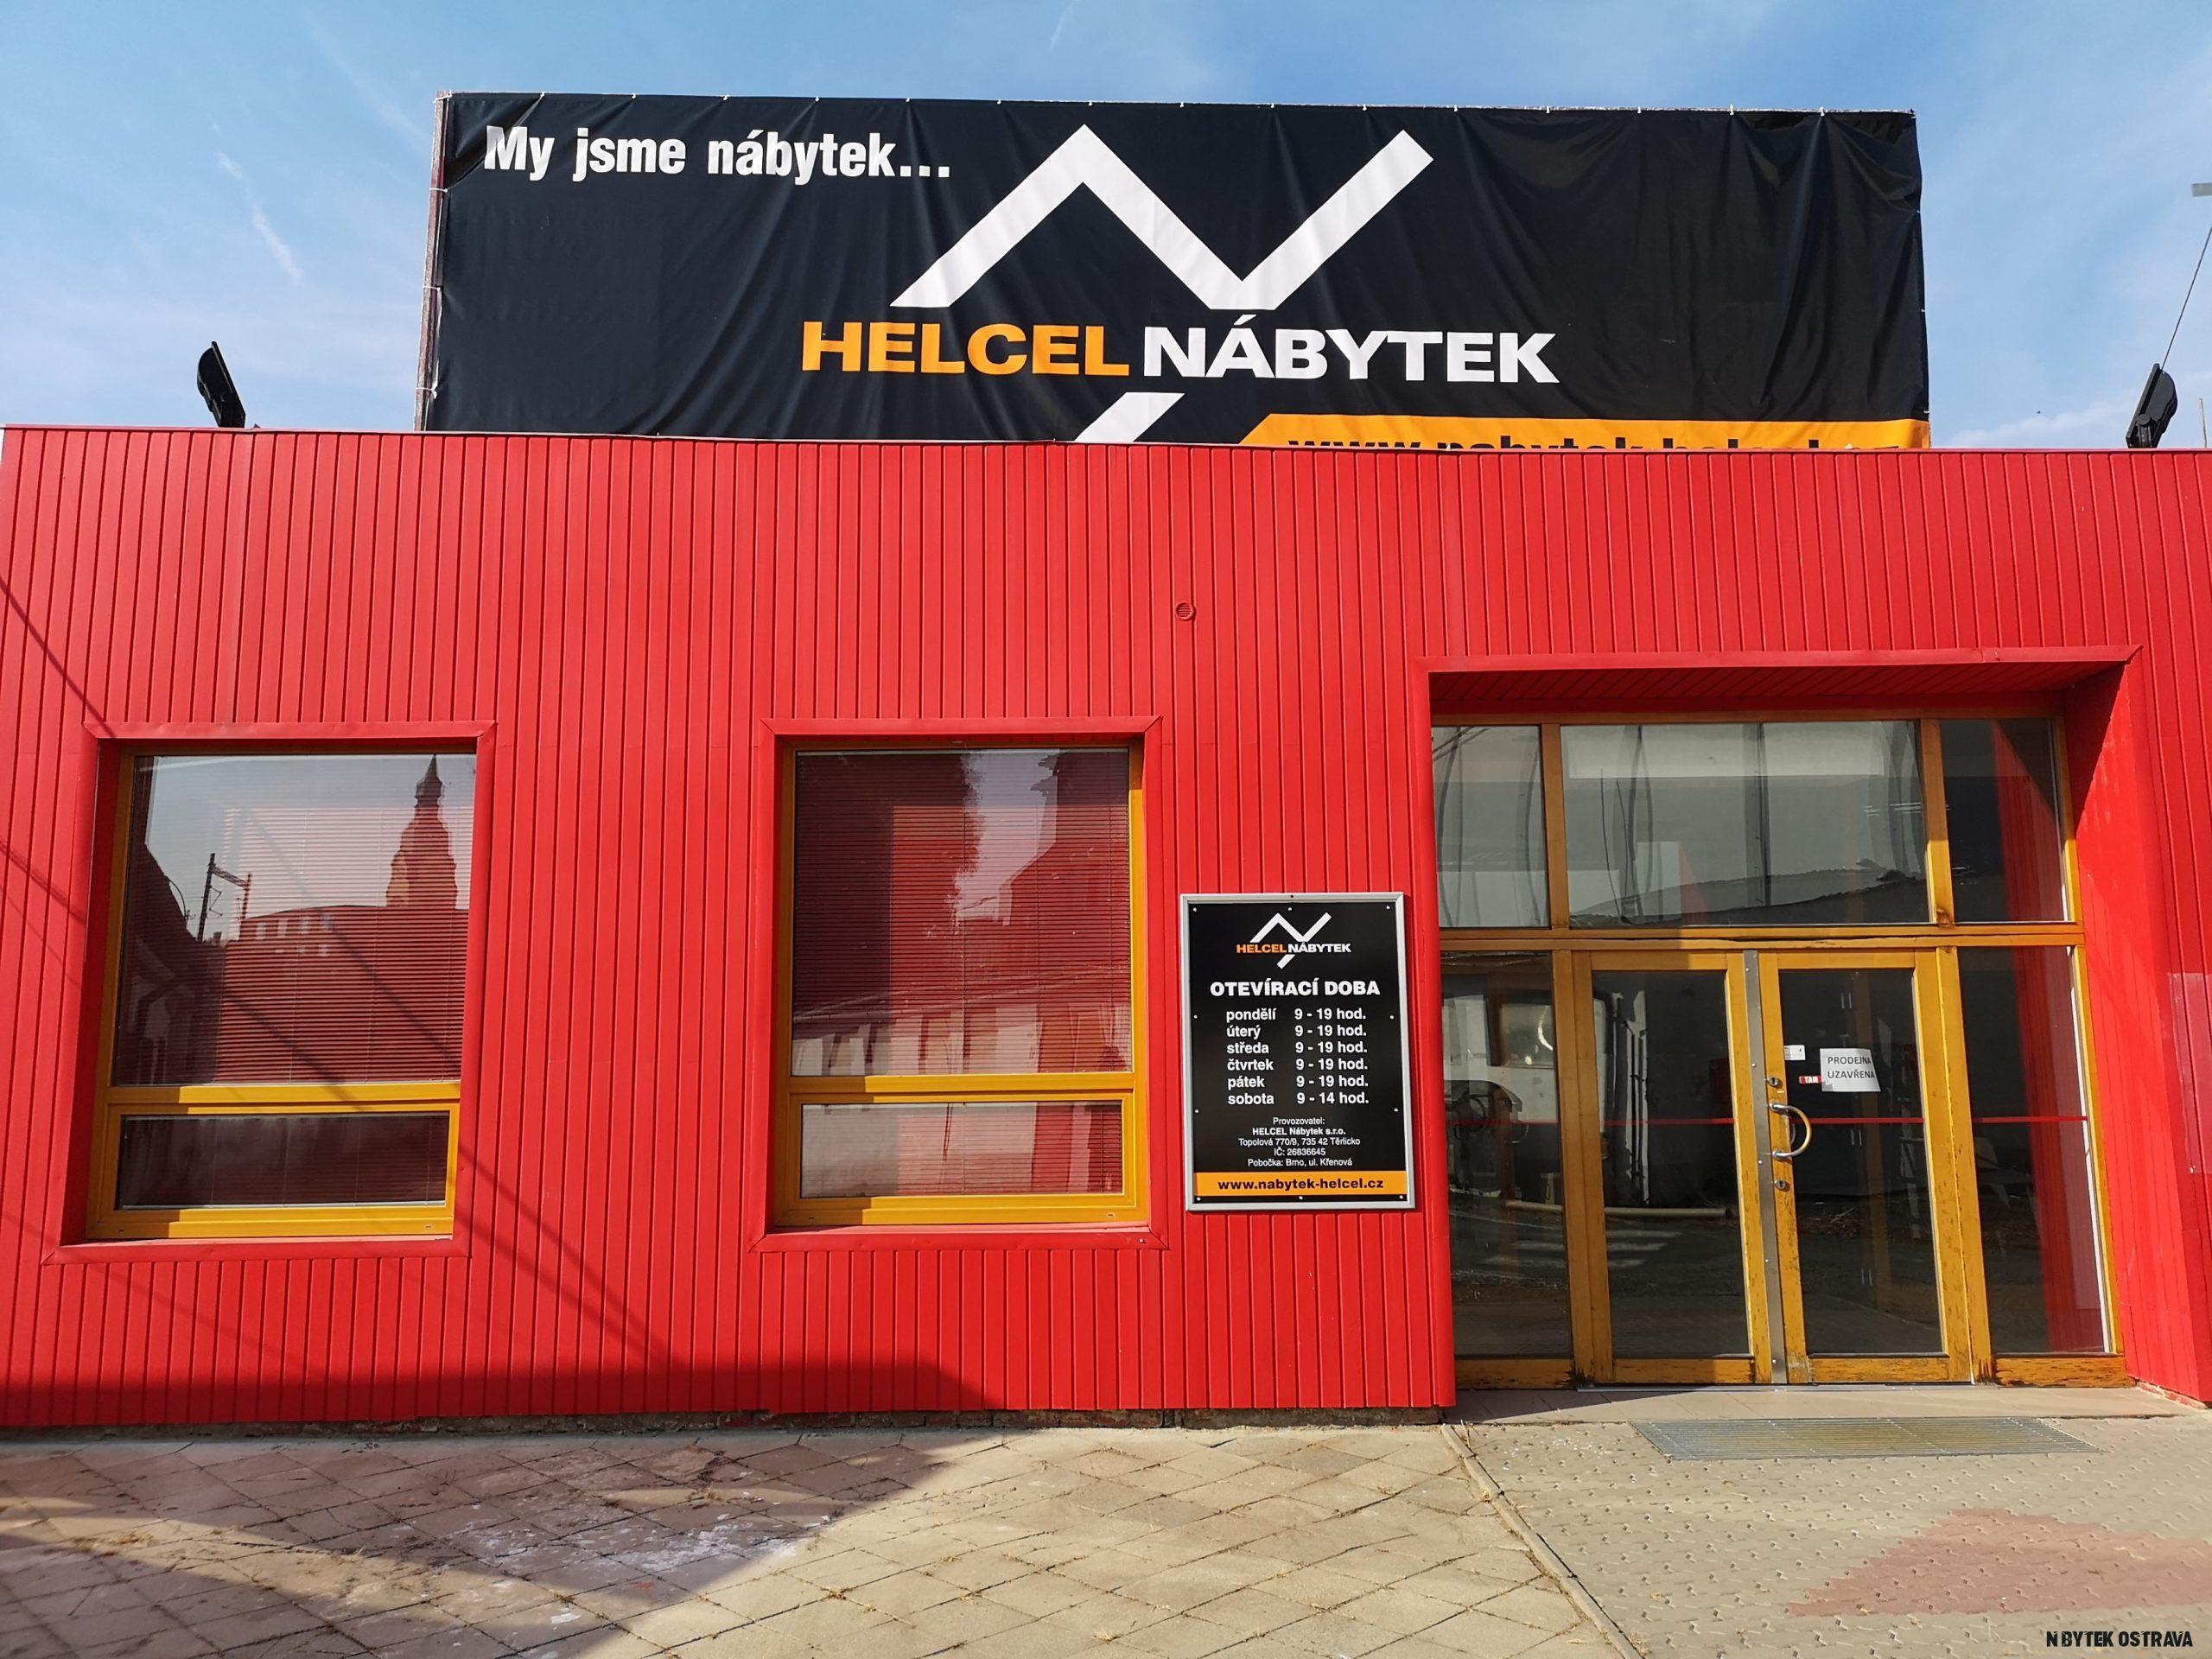 Kontakty - www.nabytek-helcel.cz